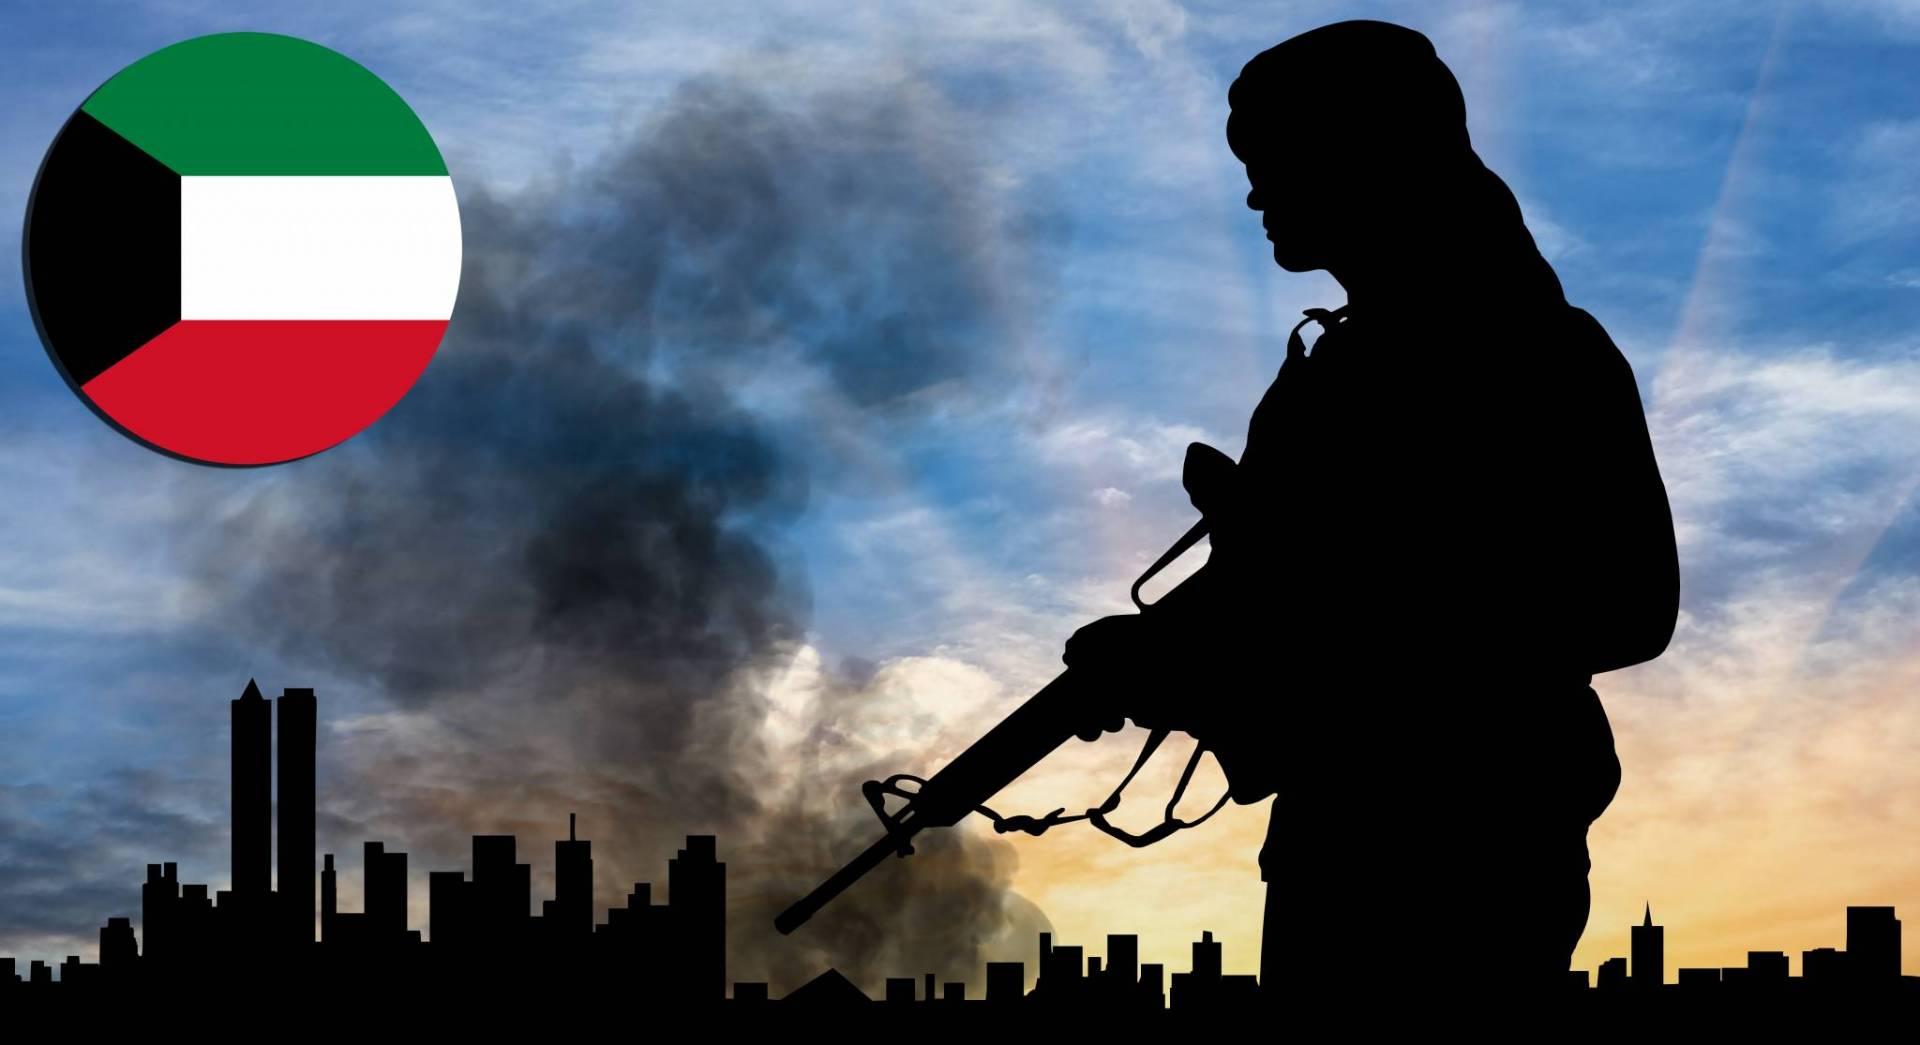 «القبس» تكشف تفاصيل مخطط قضية الأحداث المتهمين بالتواصل مع «داعش»